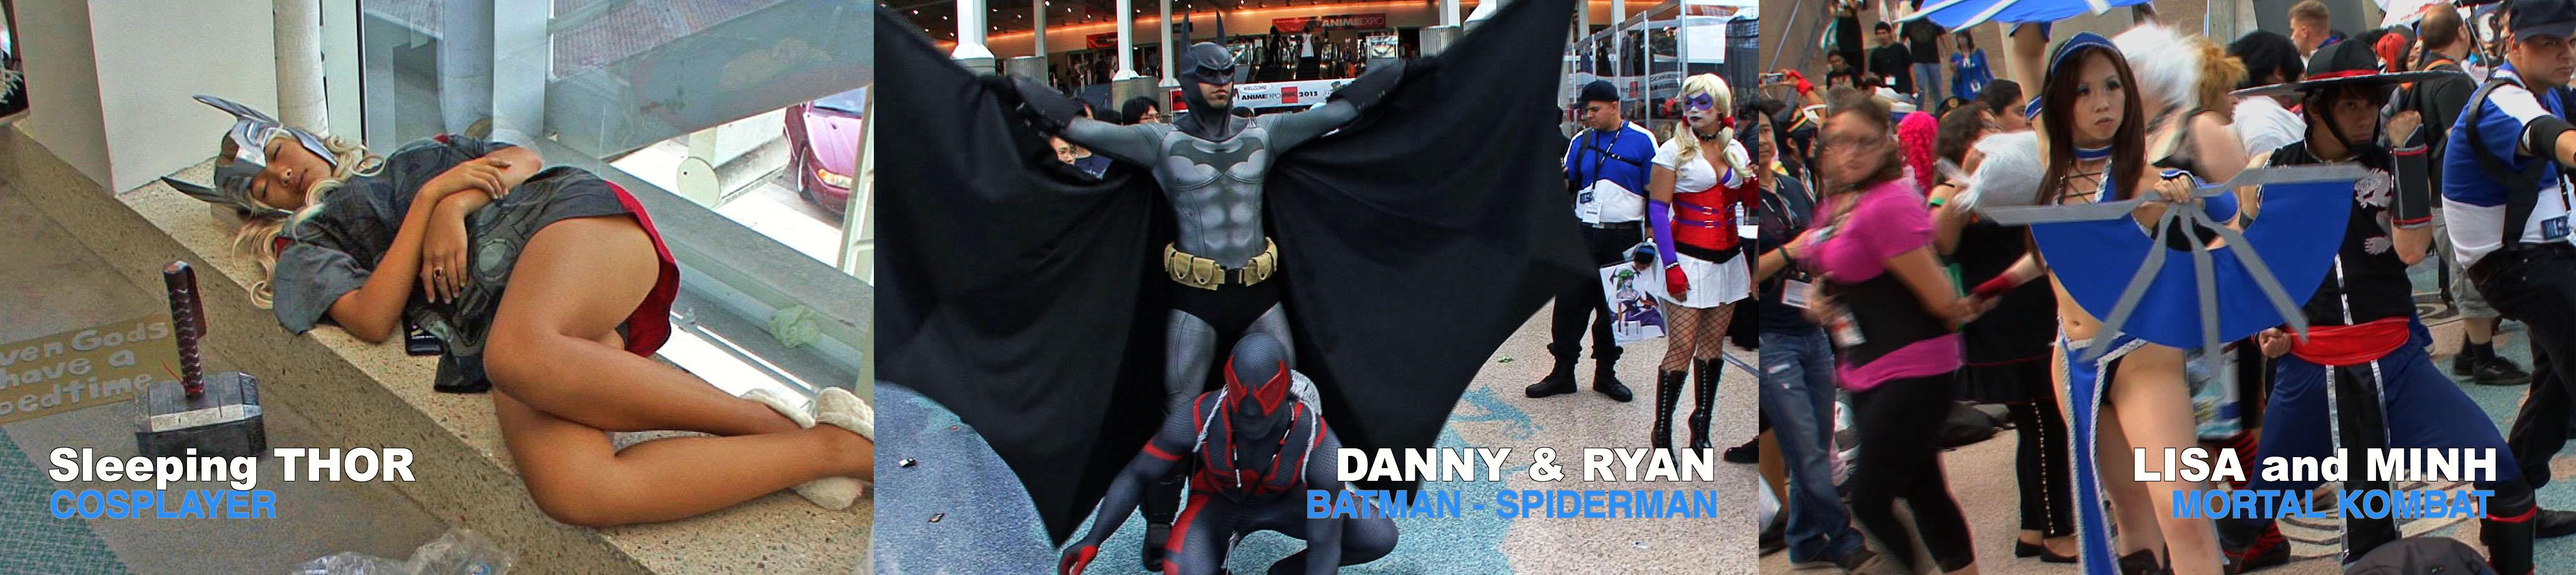 Retrenders - Sleepy Thor - Batman Spiderman - Mortal Kombat - Johnny Moreno ab6b5bf96